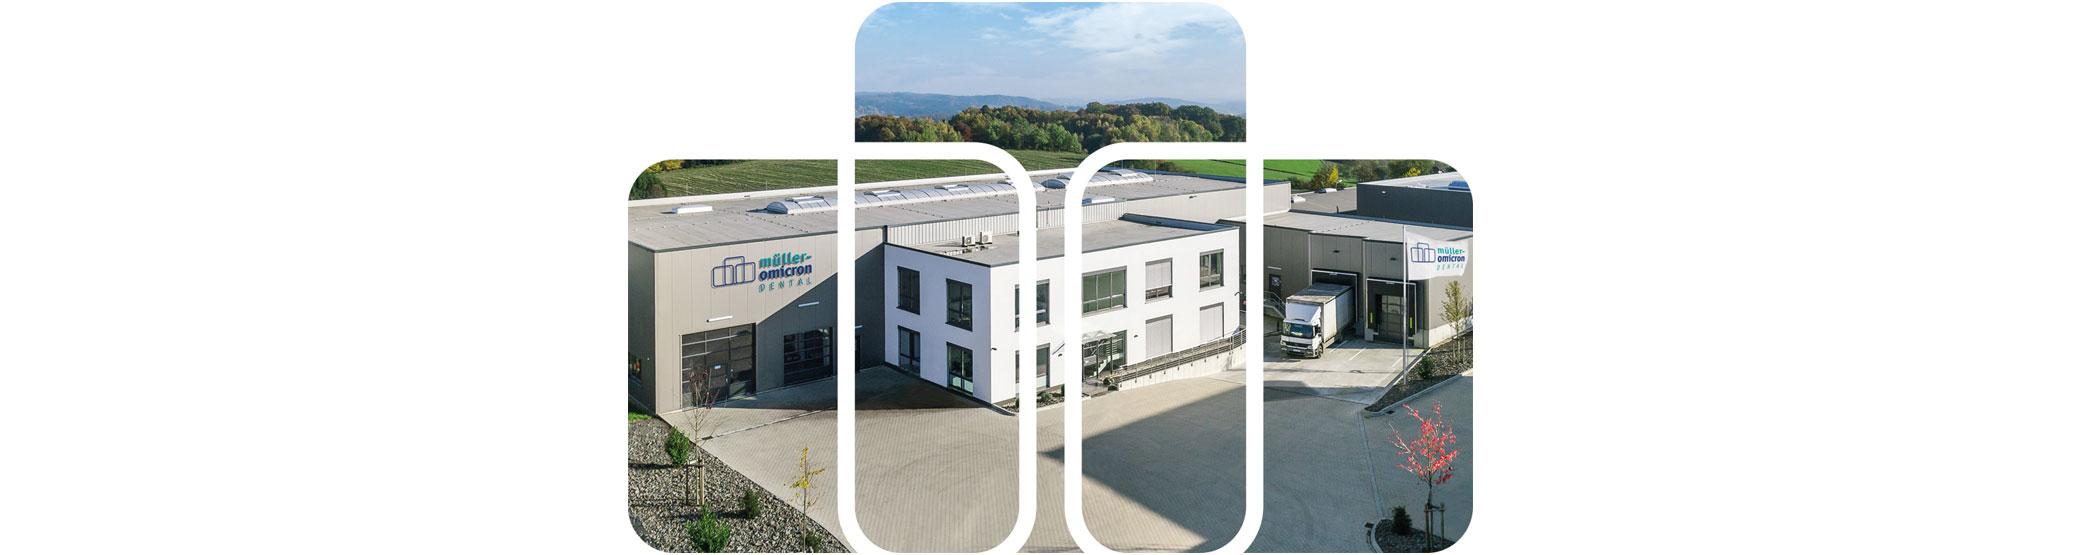 Müller-Omicron Firmengebäude